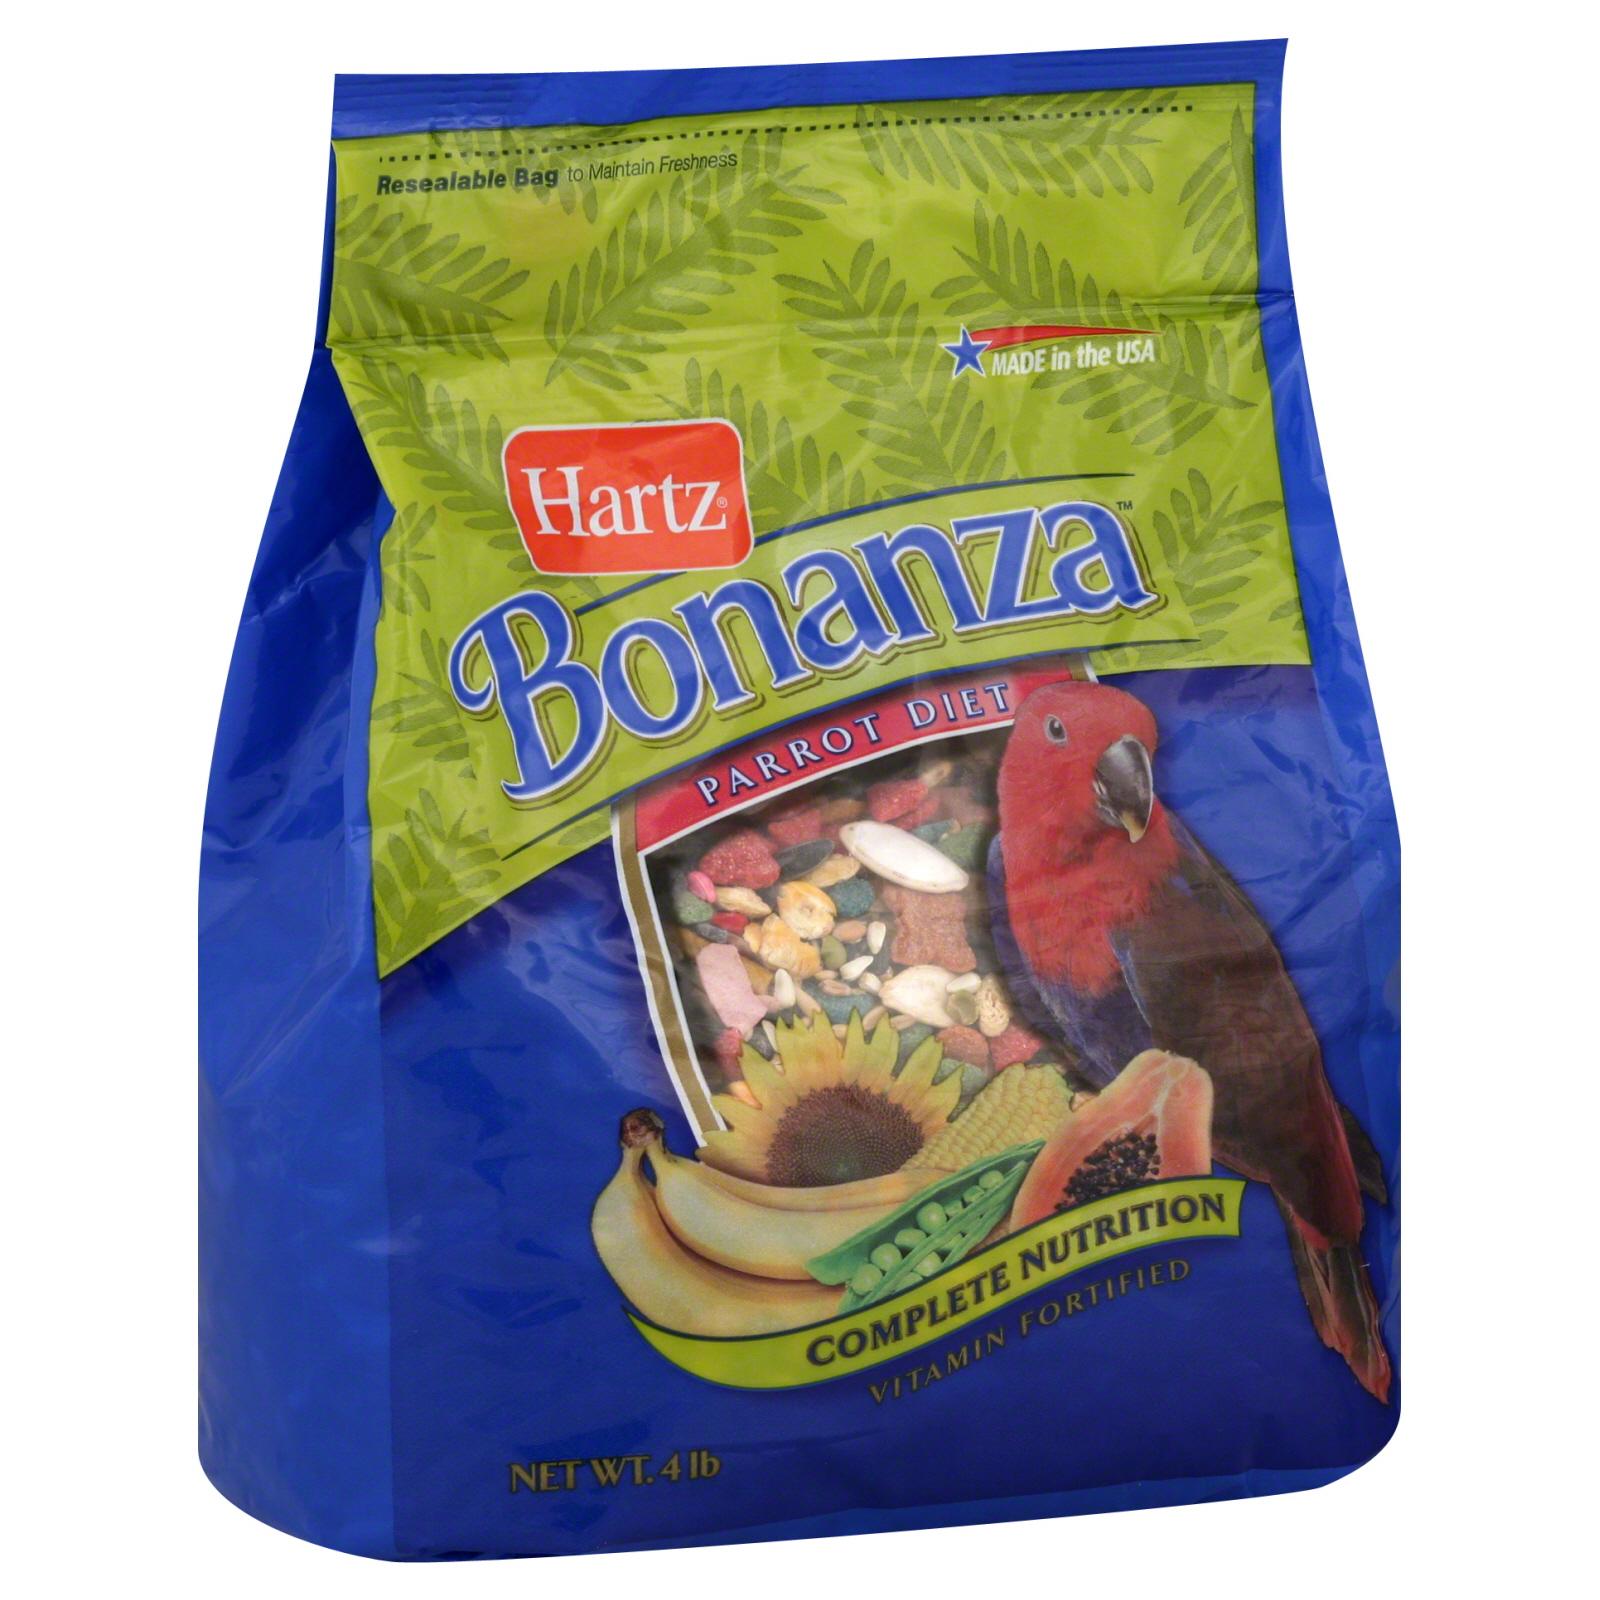 Hartz Bonanza Parrot Diet Bird Food 4 lb Bag